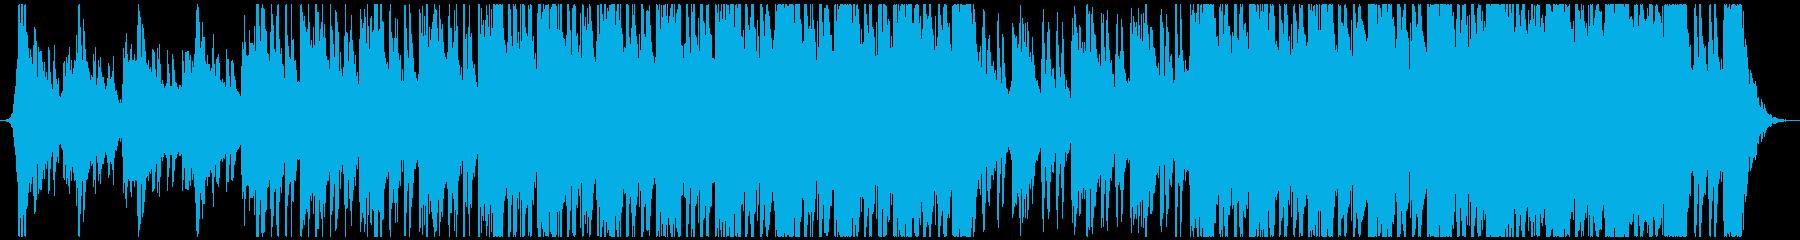 現代の交響曲 クラシック交響曲 オ...の再生済みの波形